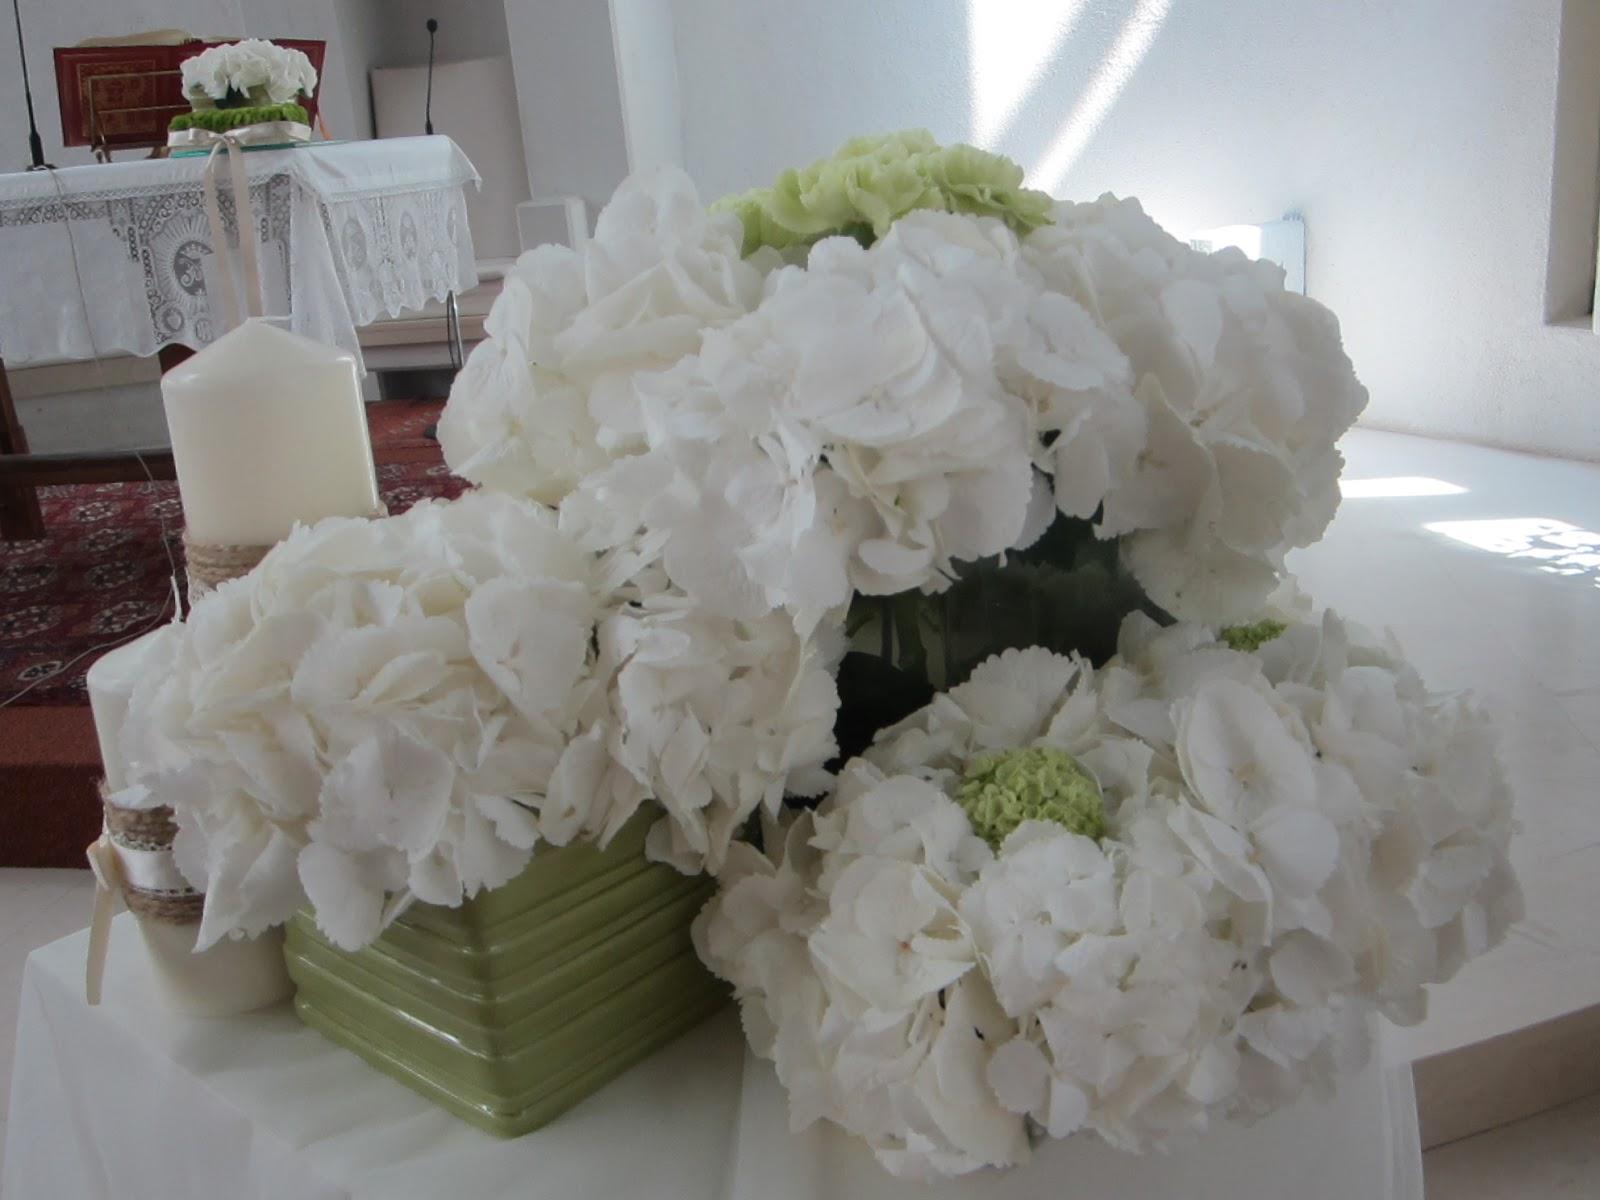 Idea ortensie - Moda nozze - Forum Matrimonio.com